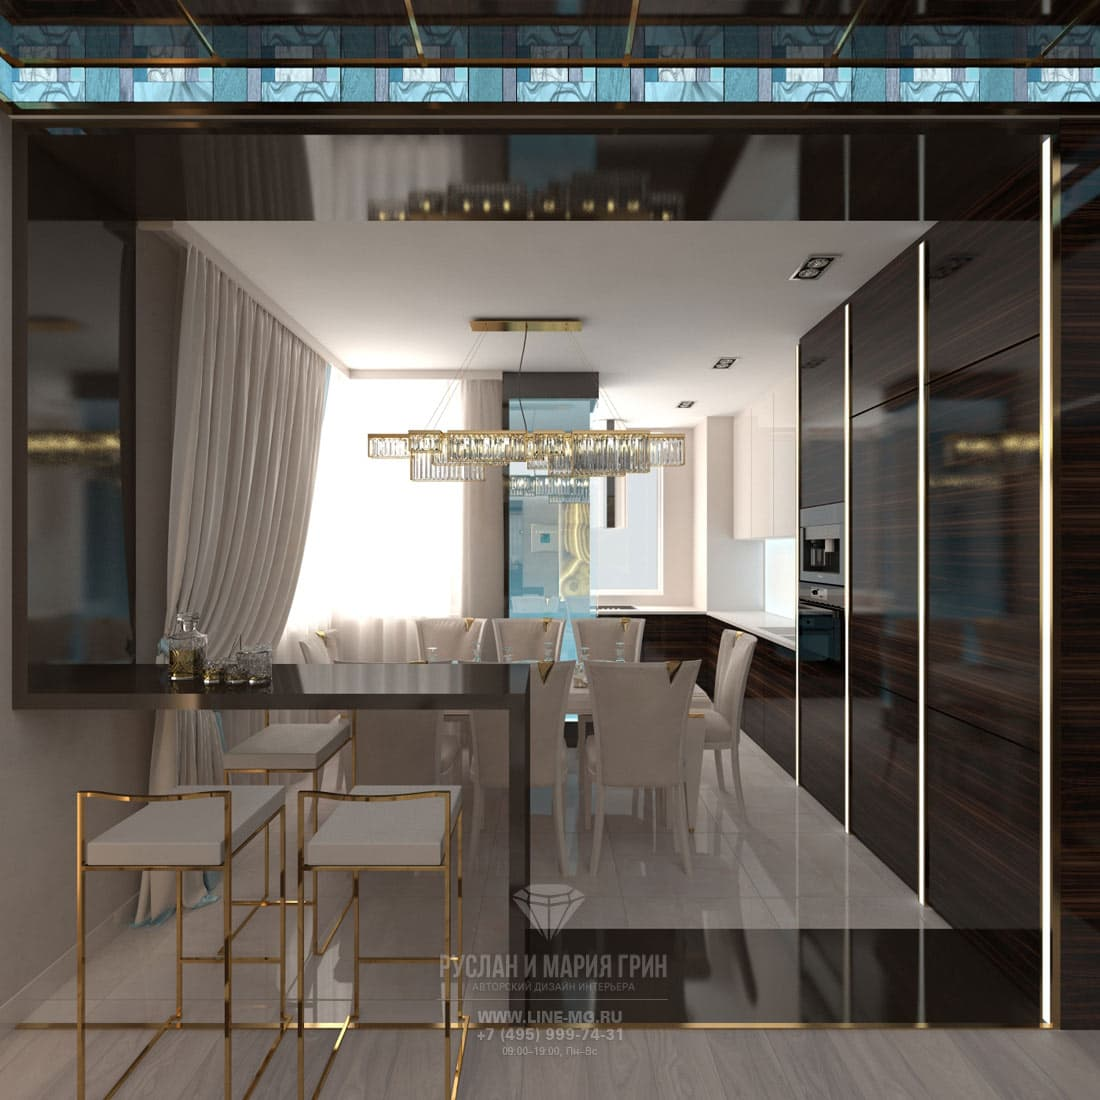 Дизайн кухни, совмещенной с гостиной. Фото с барной стойкой